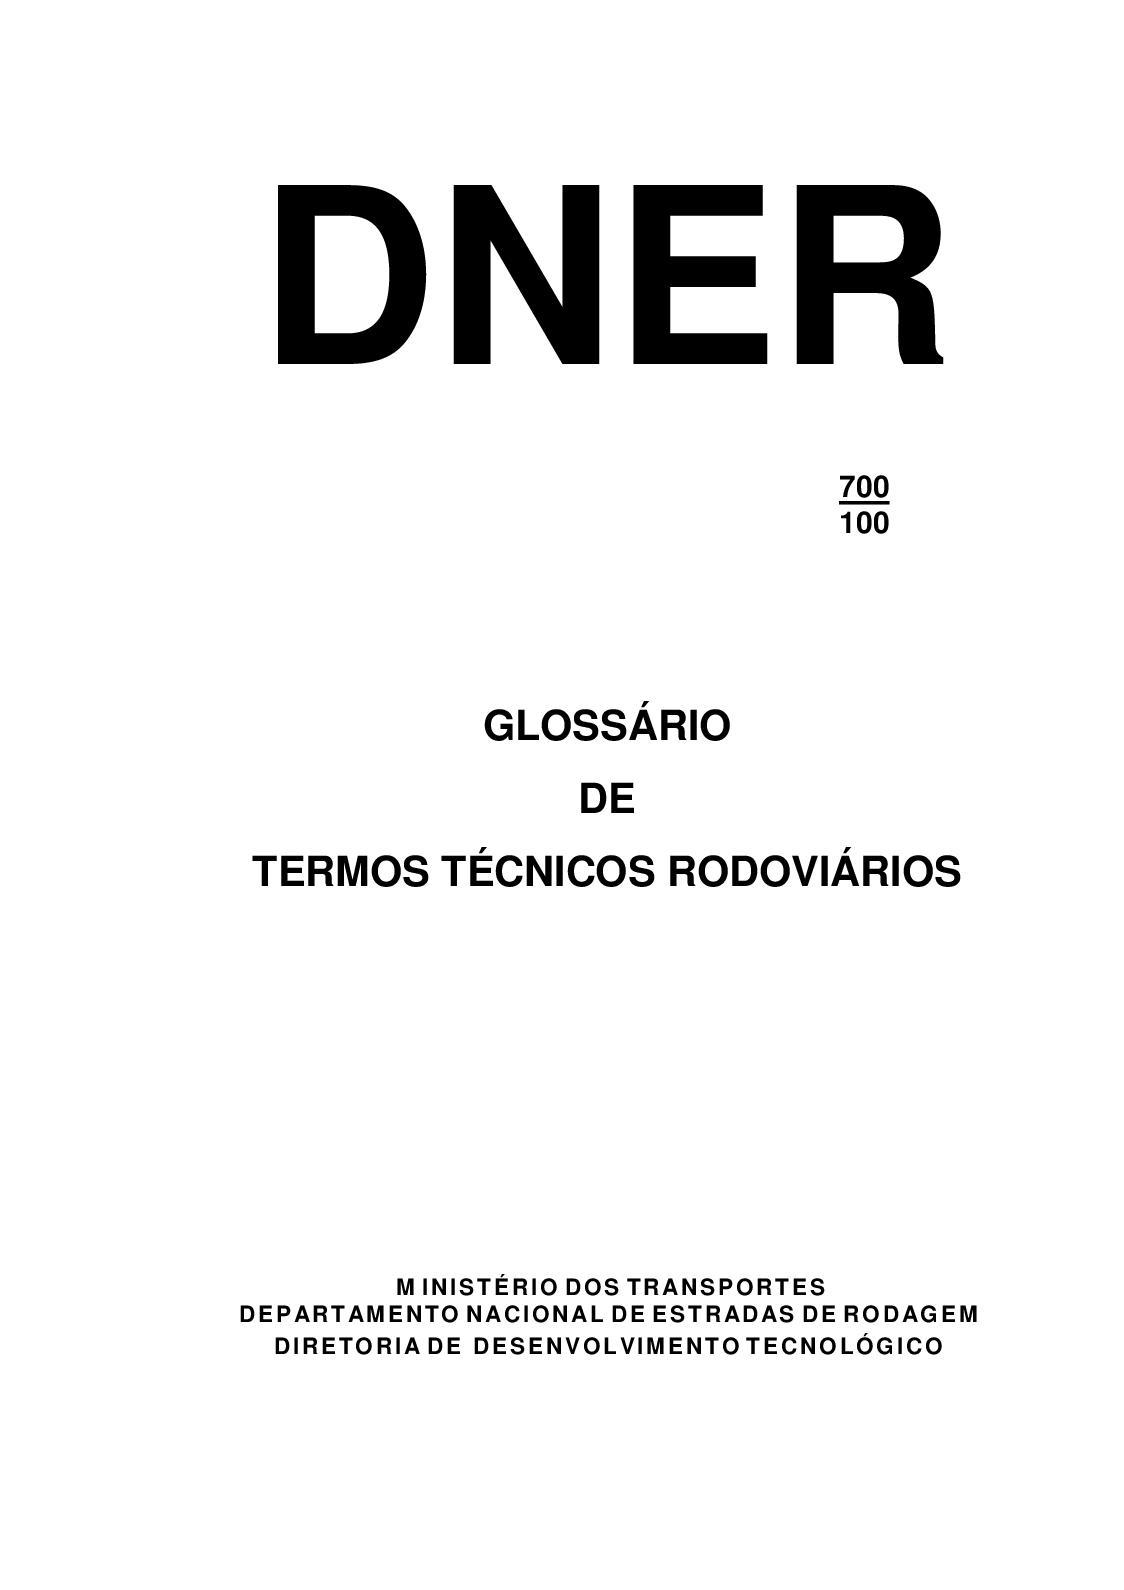 Calaméo - Livro Dner Glossário Termos Técnicos Rodoviários 2018